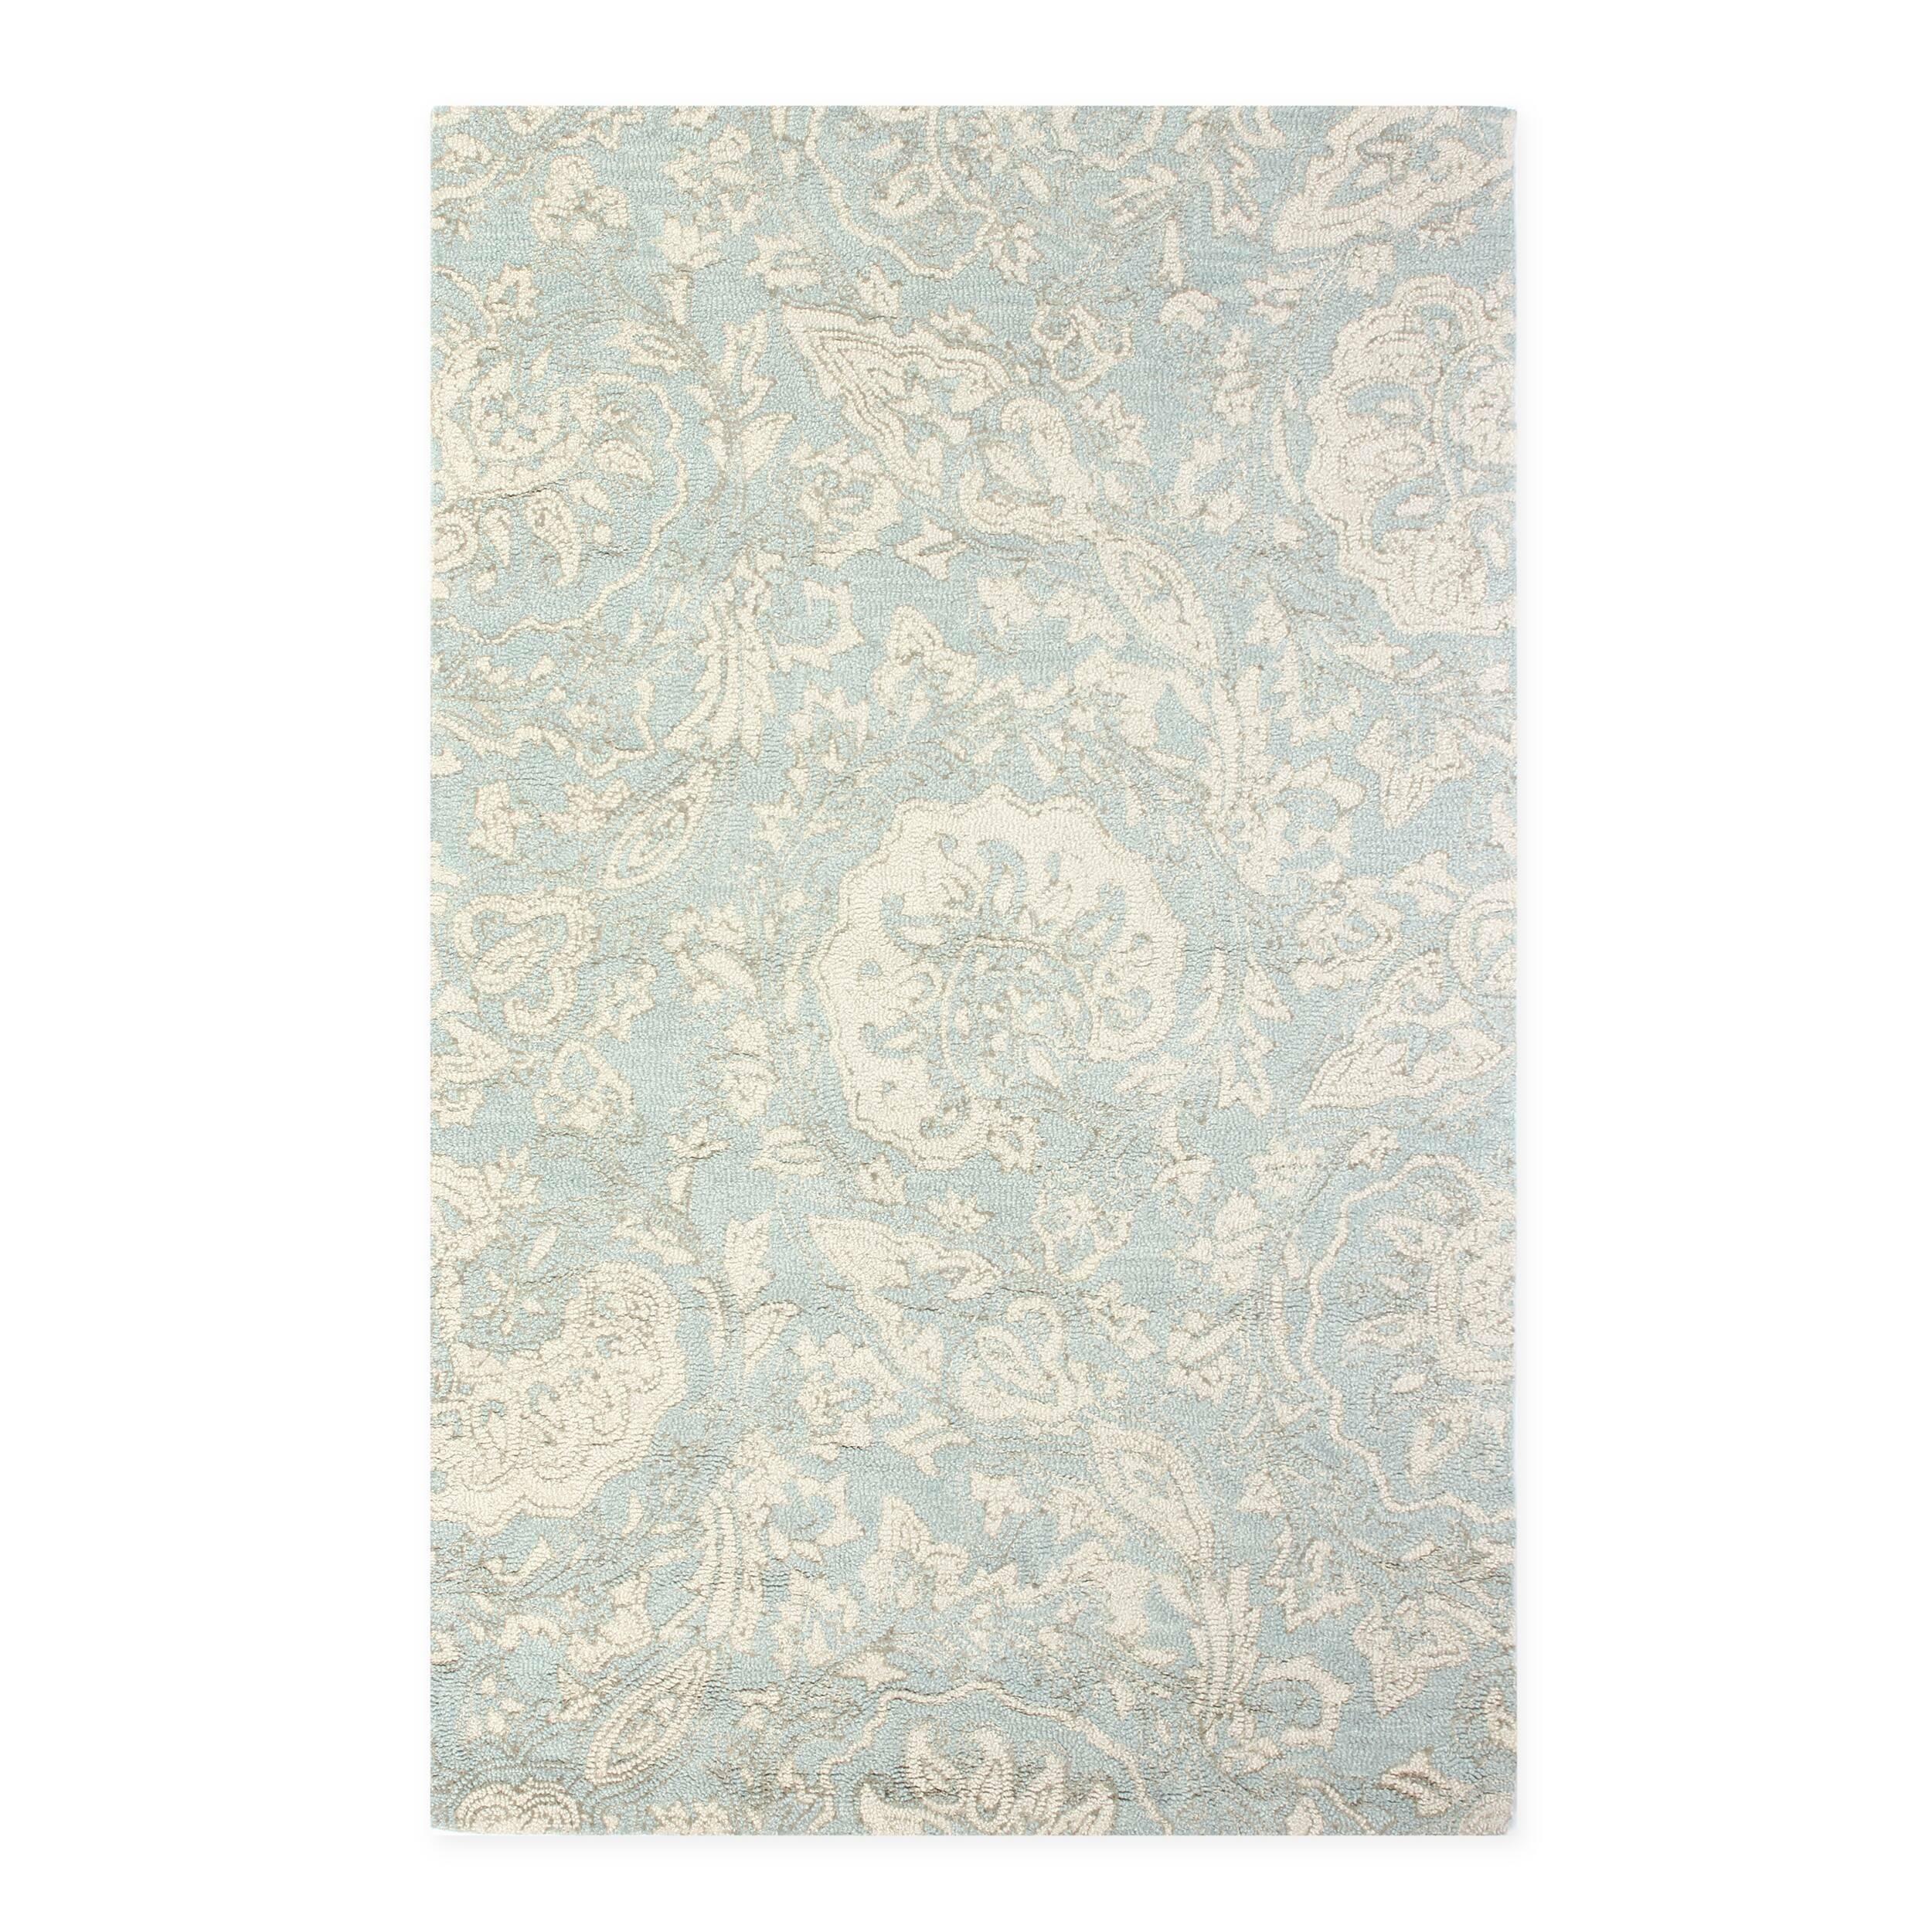 Ковер Munnar овальный купить ковры ковер super vision 5412 bone овал 3на 5 метров